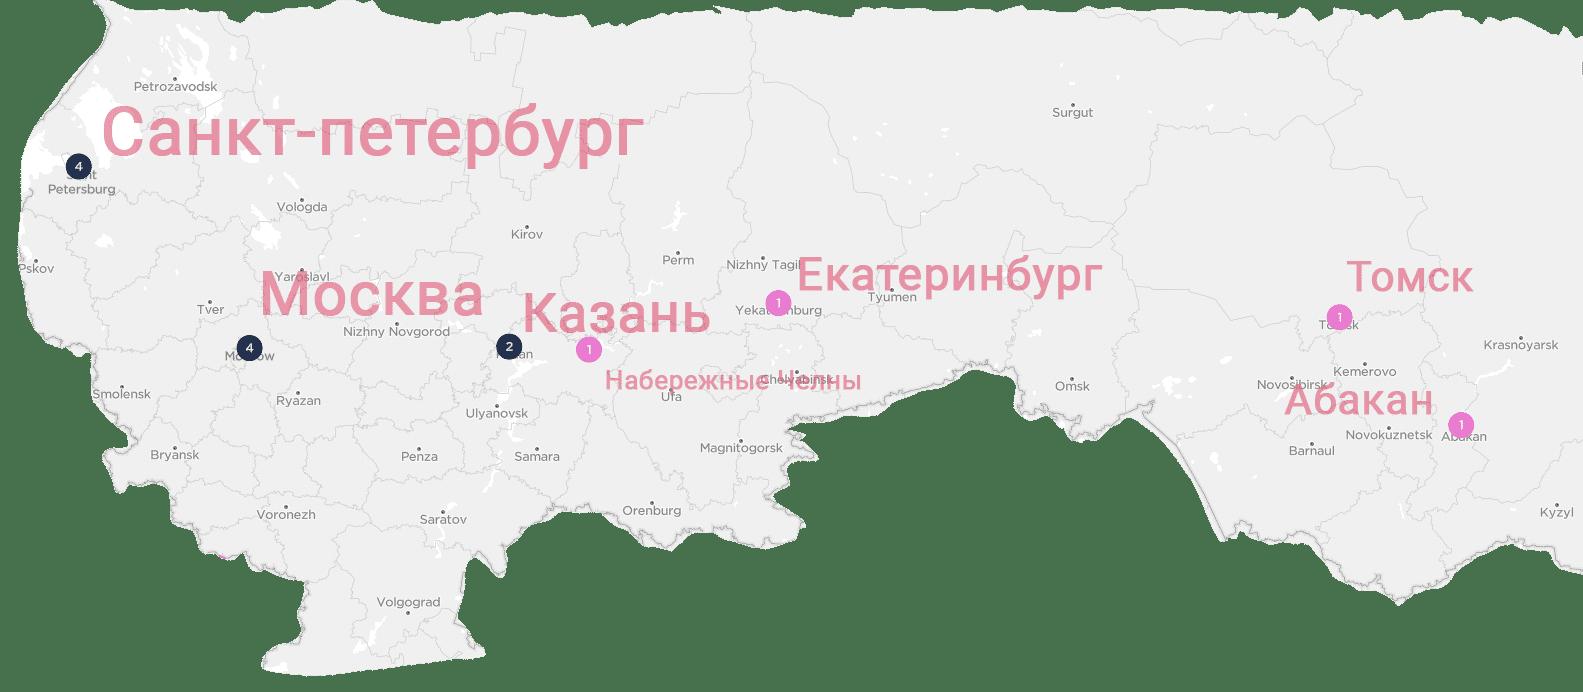 Карта расположения вышек 5G в России 2020